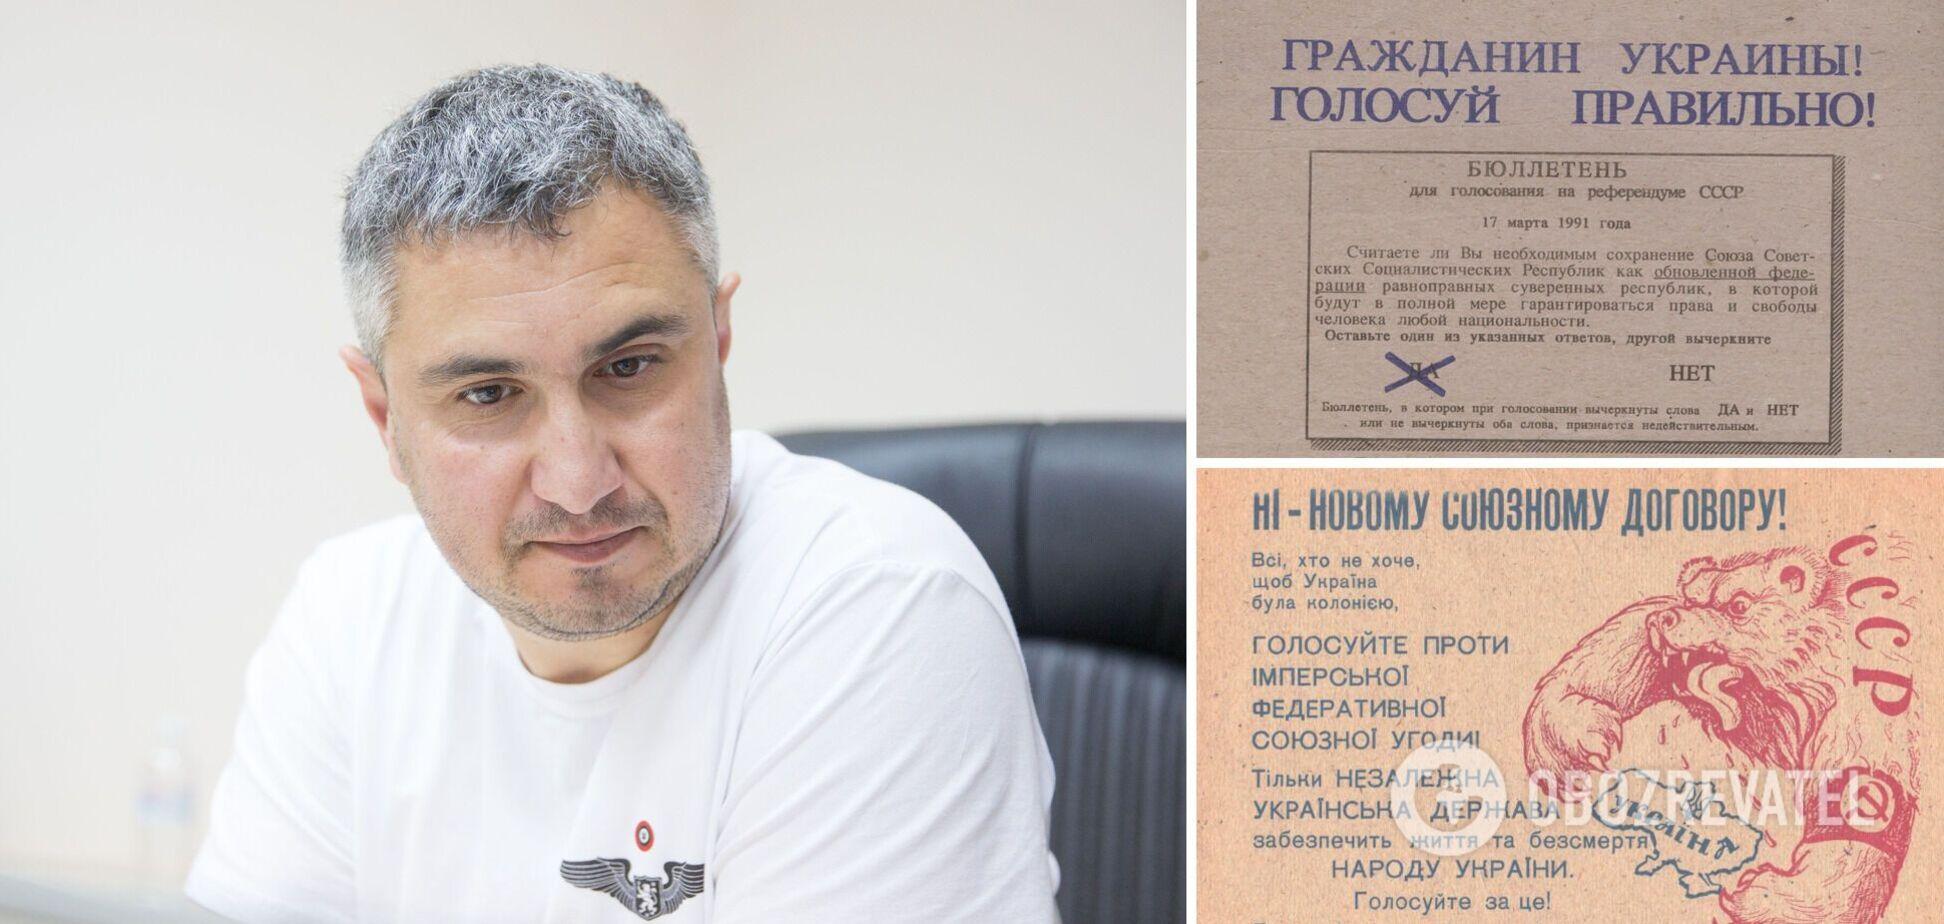 Историк Вахтанг Кипиани